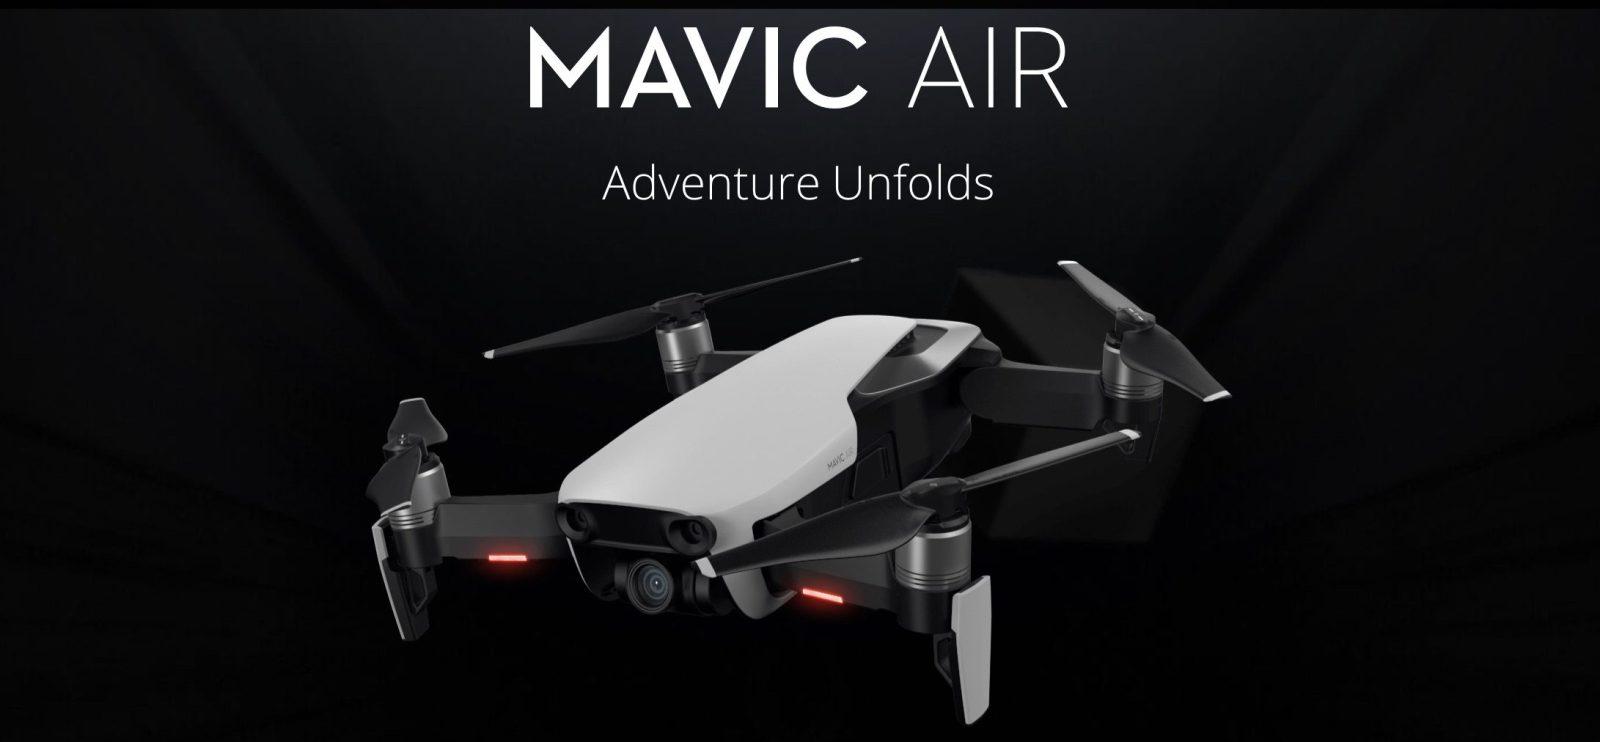 DJI Mavic Air nyní ve slevě za neuvěřitelných 13 398 Kč! [sponzorovaný článek]